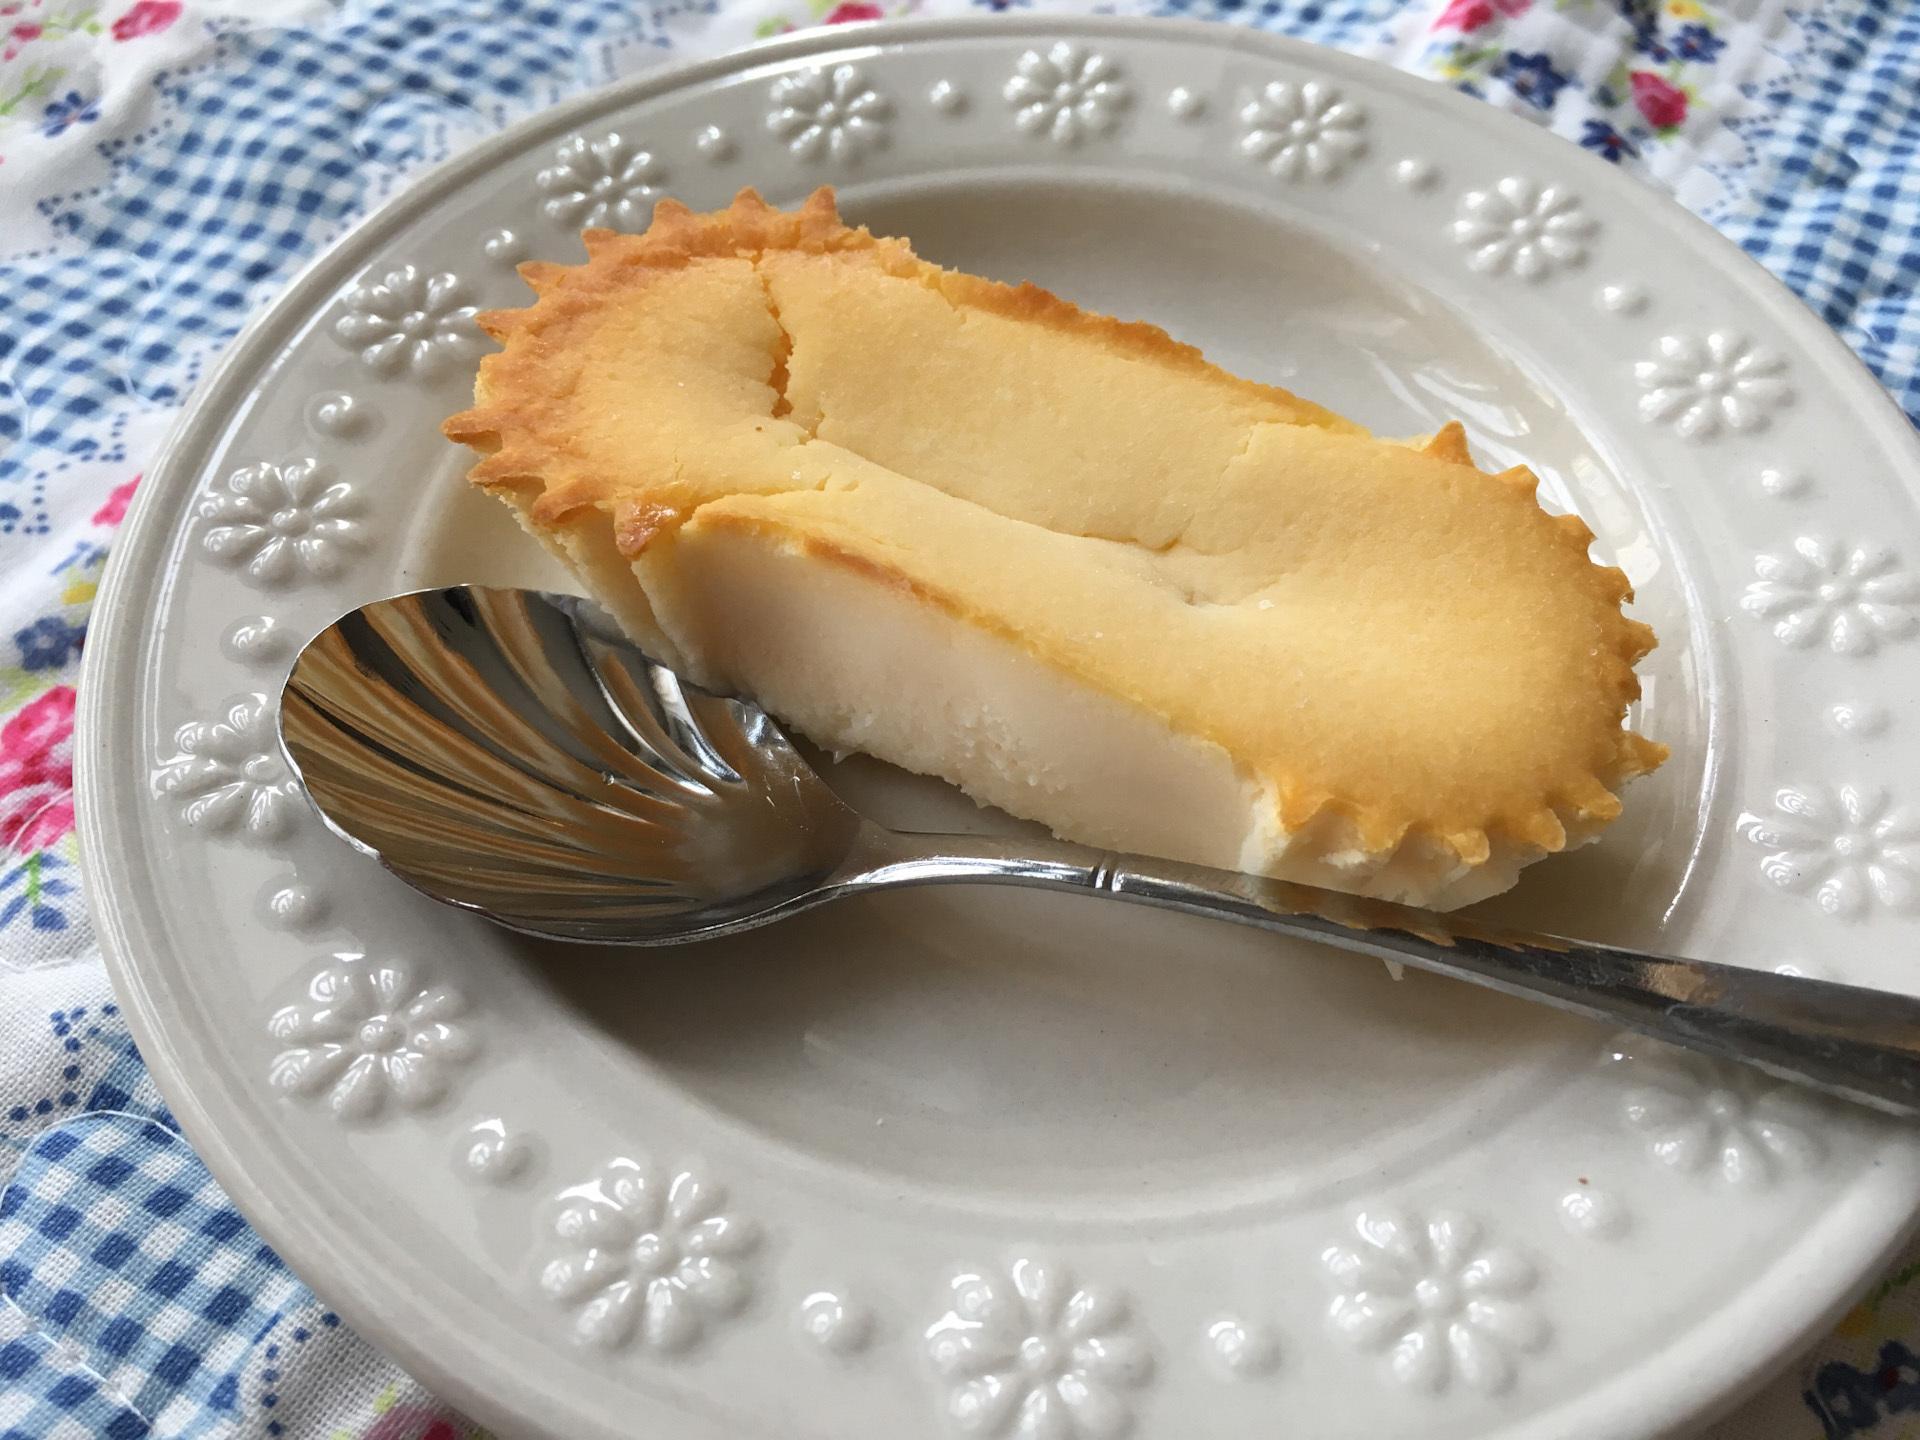 モスバーガー「ひんやりドルチェ ベイクドチーズ」